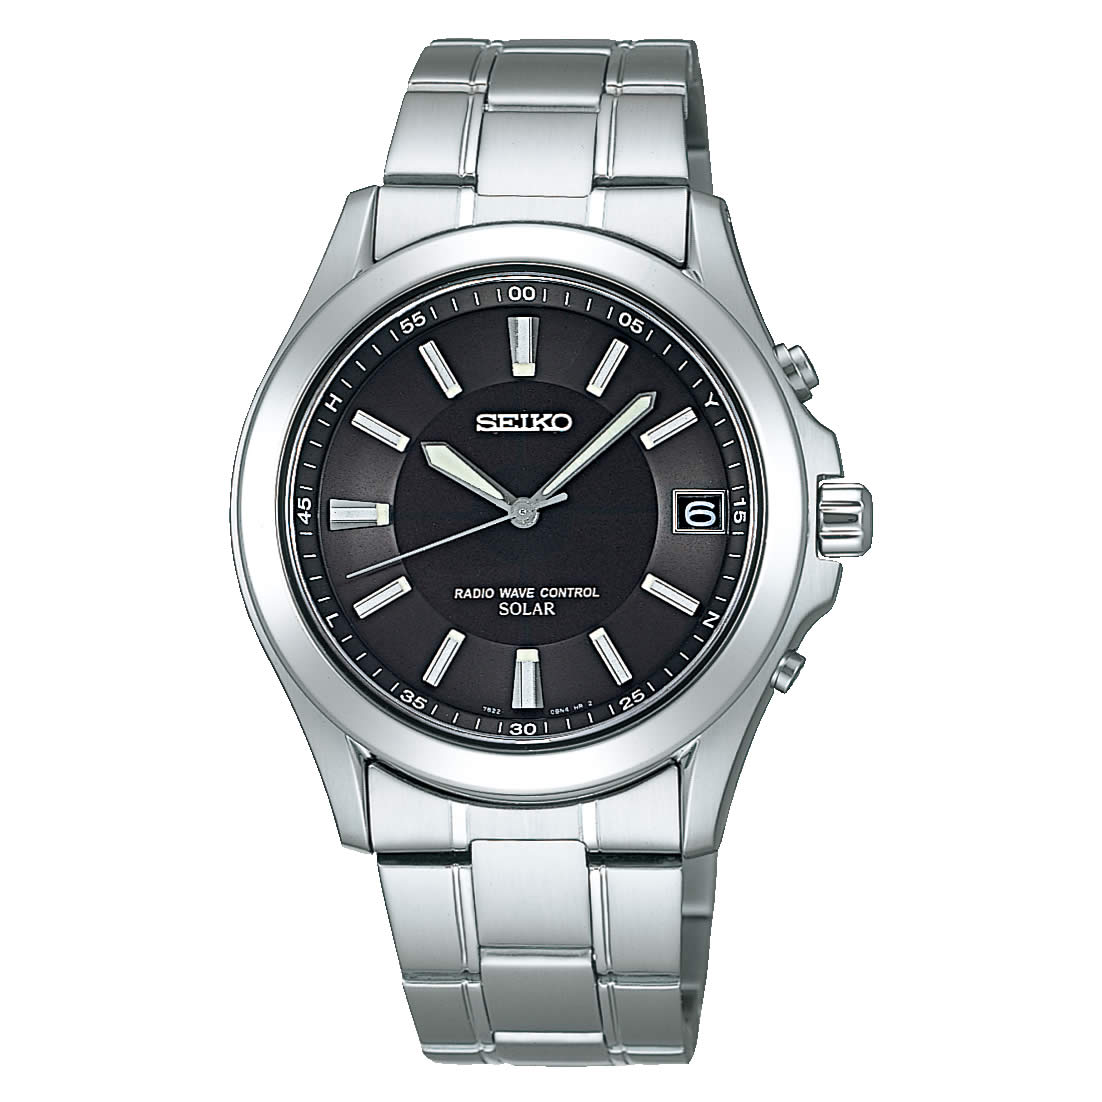 【送料無料】【国内正規品】セイコー スピリット SEIKO SPIRIT 腕時計 ソーラー 電波 メンズ SBTM017 100M 10気圧防水 ビジネス シンプル 電波ソーラー きれいめ 人気 うでどけい とけい WATCH 時計【取り寄せ】